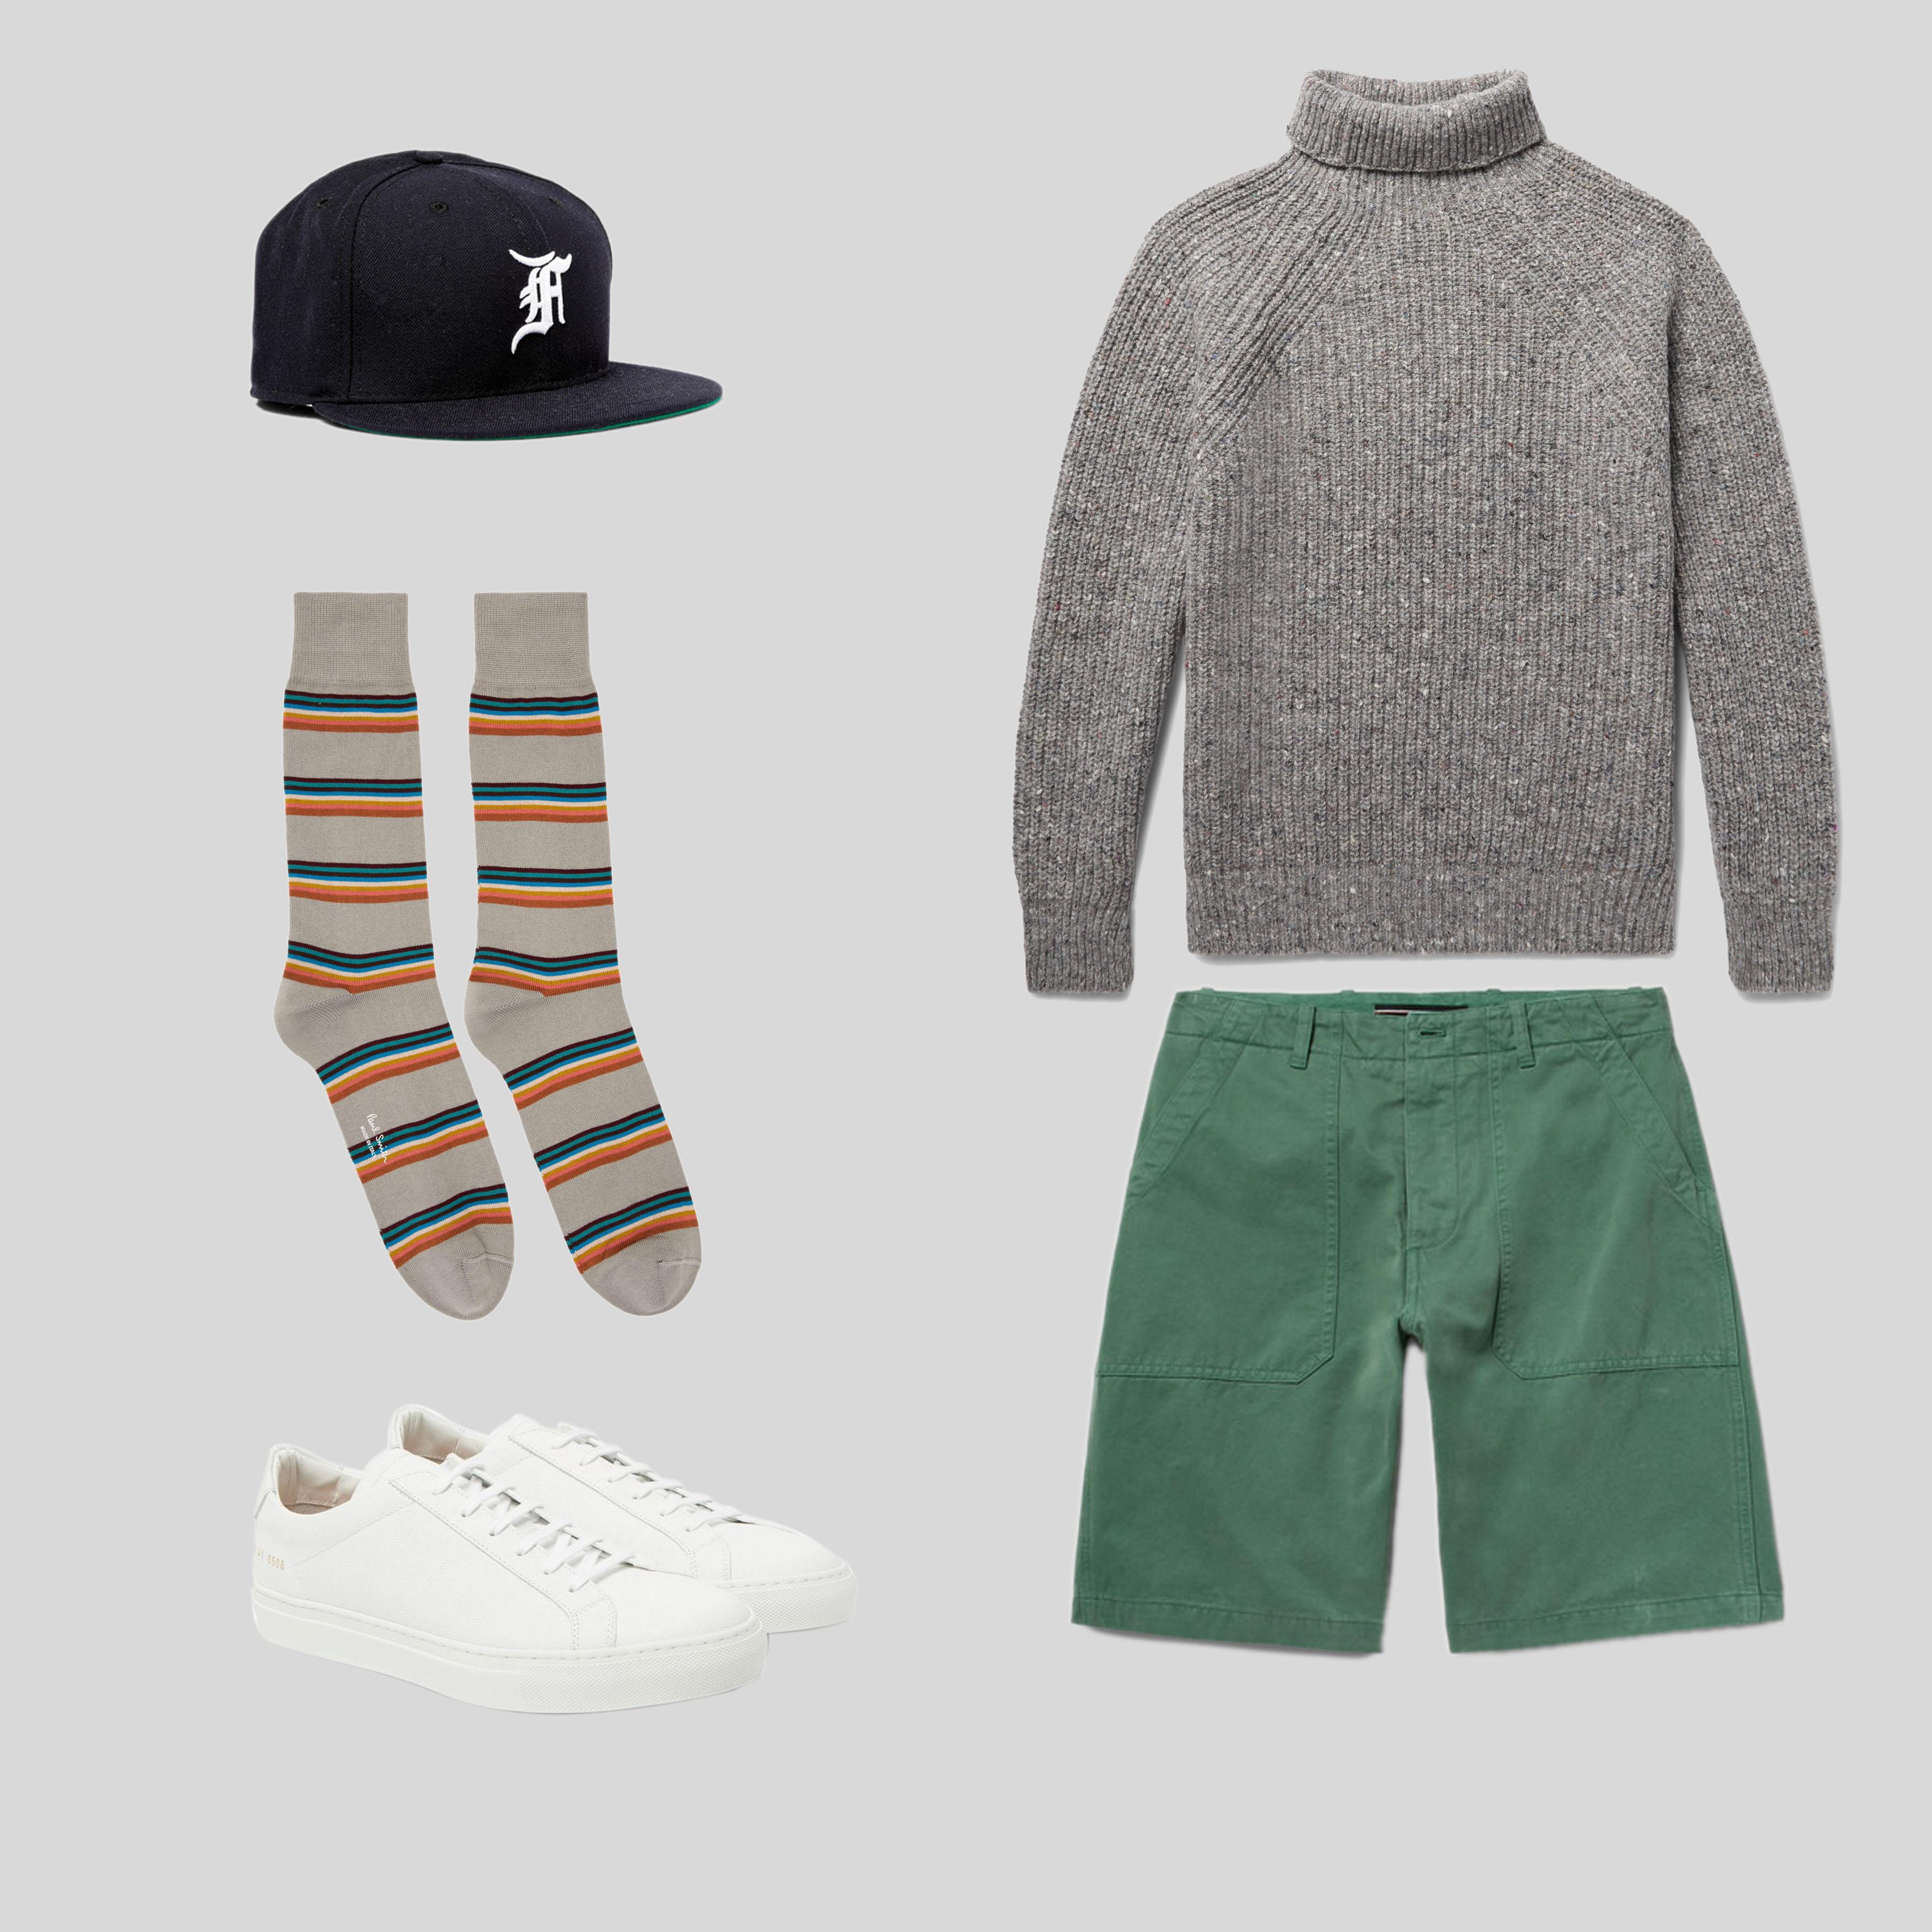 ELLE Man Style Calendar Phối màu quần áo cho người mạng mộc (15-2112018) (13)